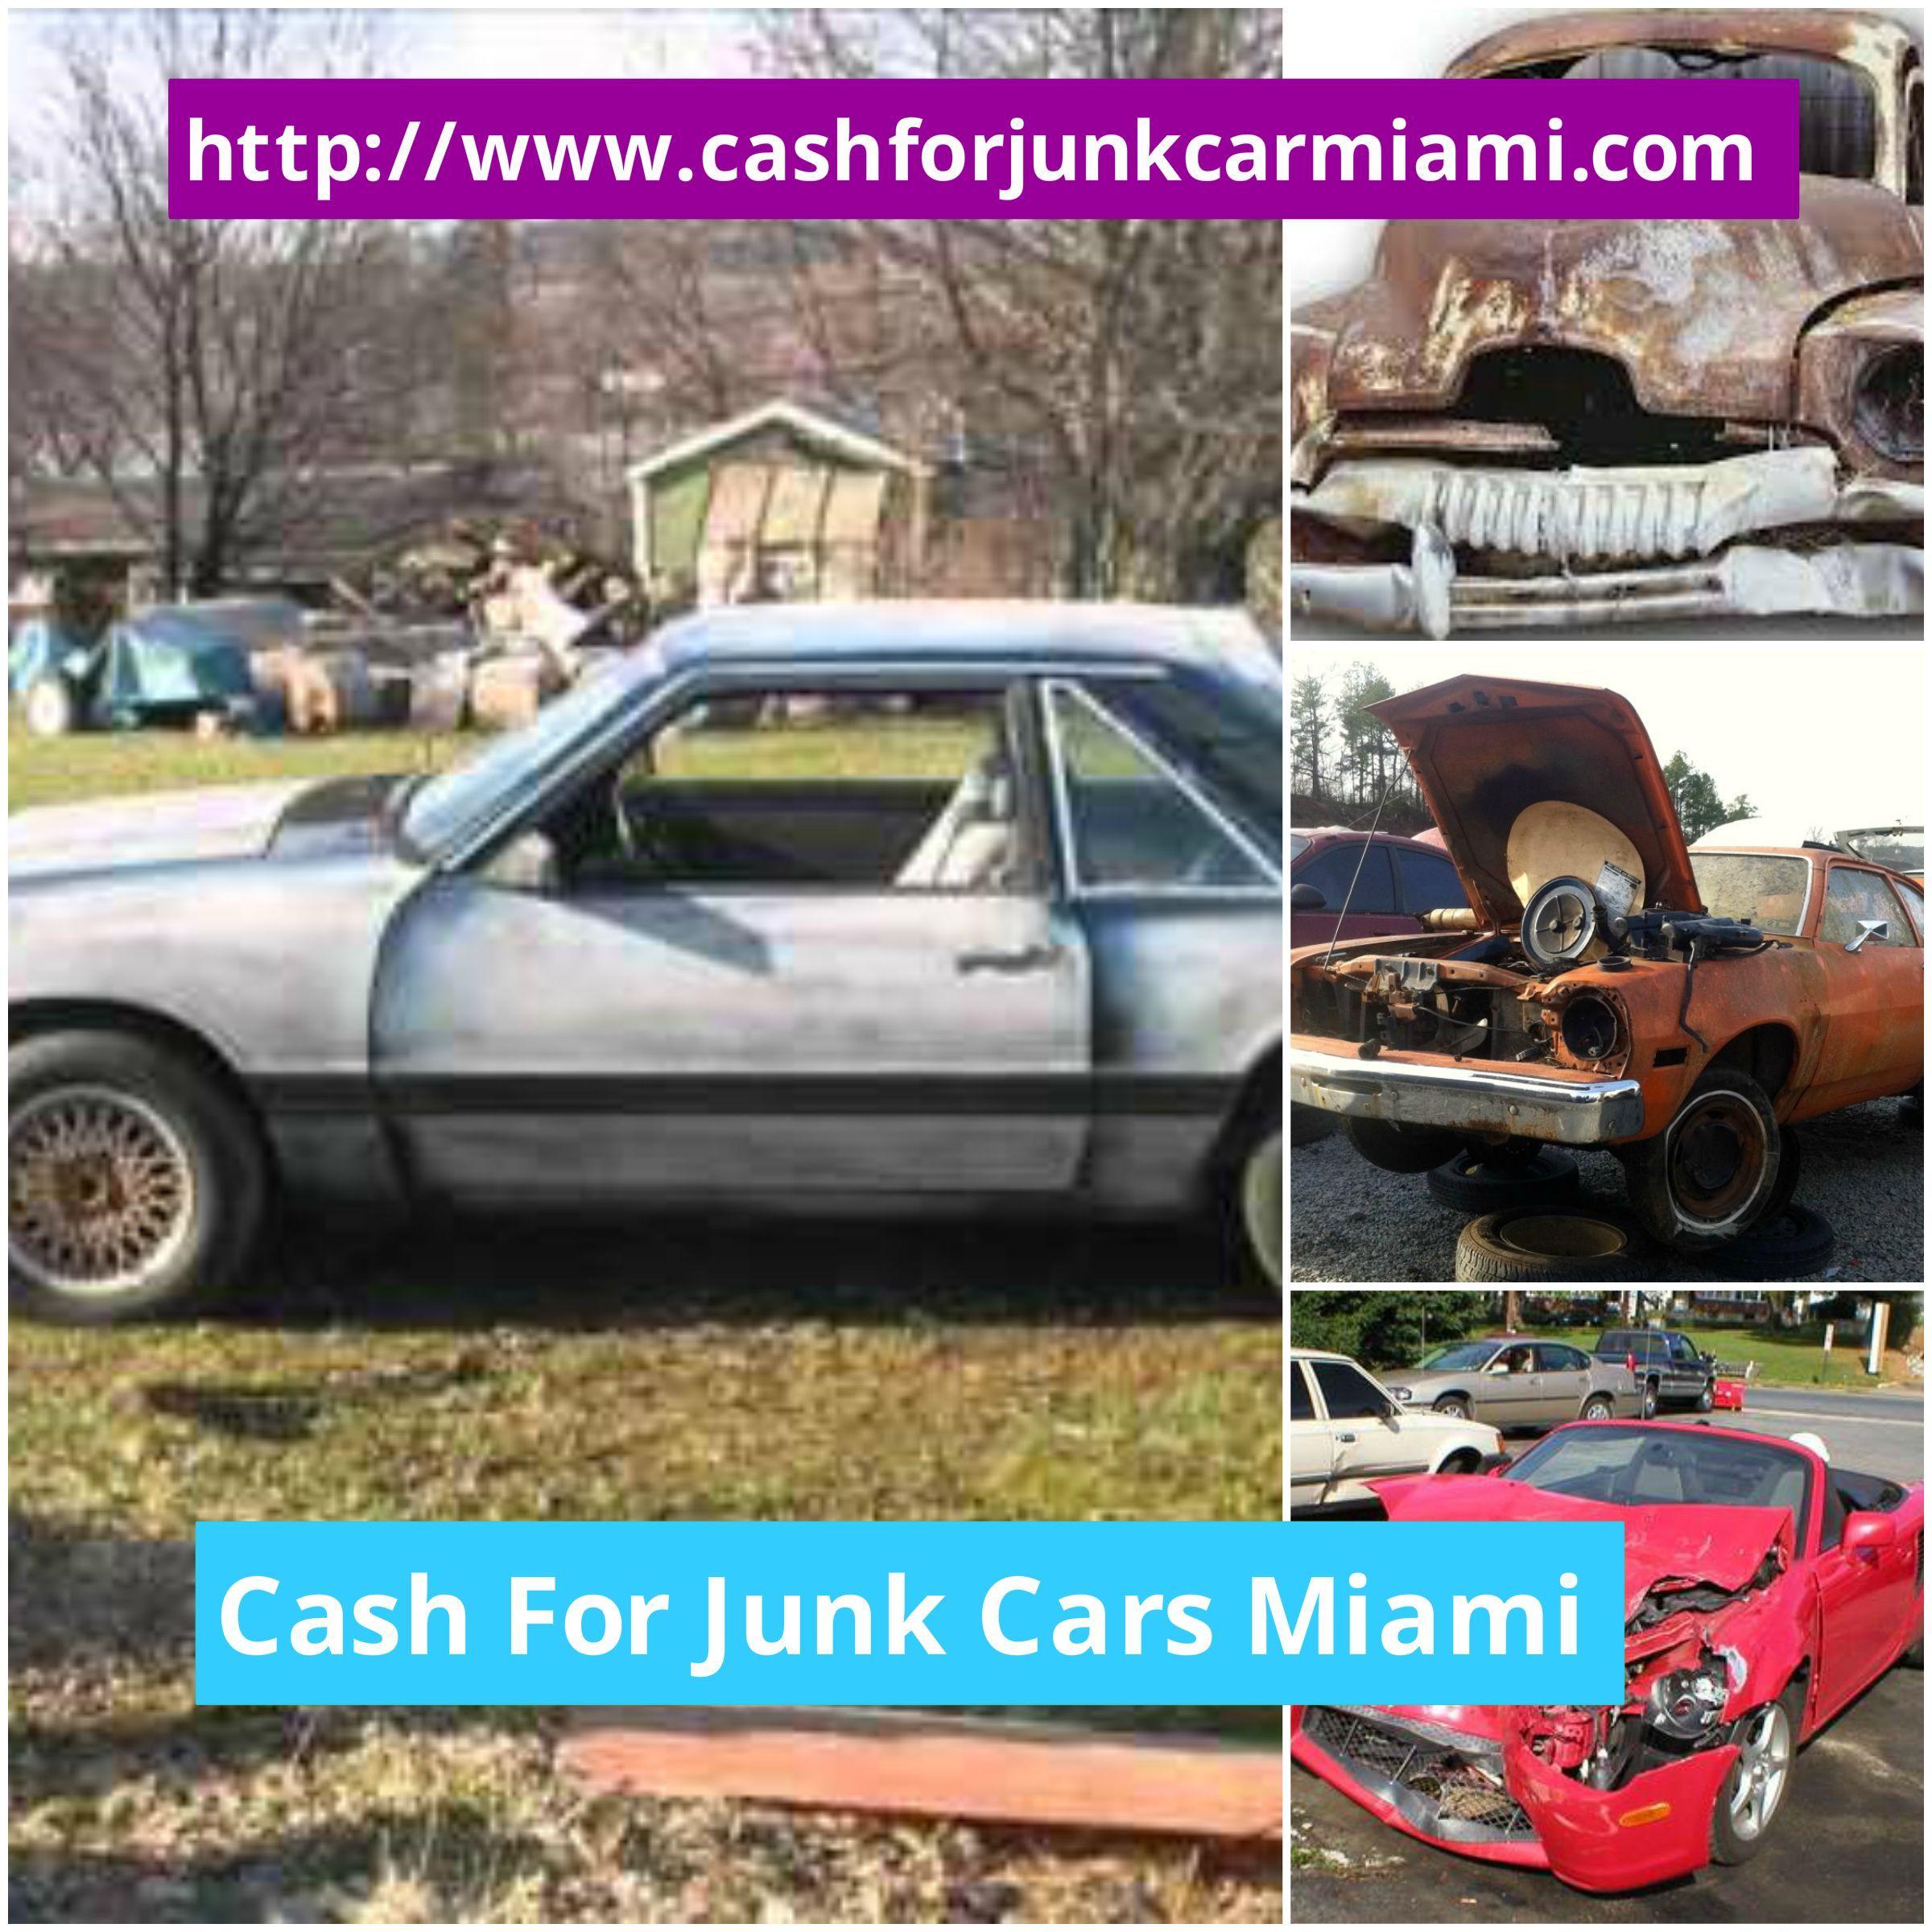 http://www.cashforjunkcarmiami.com/ Junk cars Miami FL helps people ...